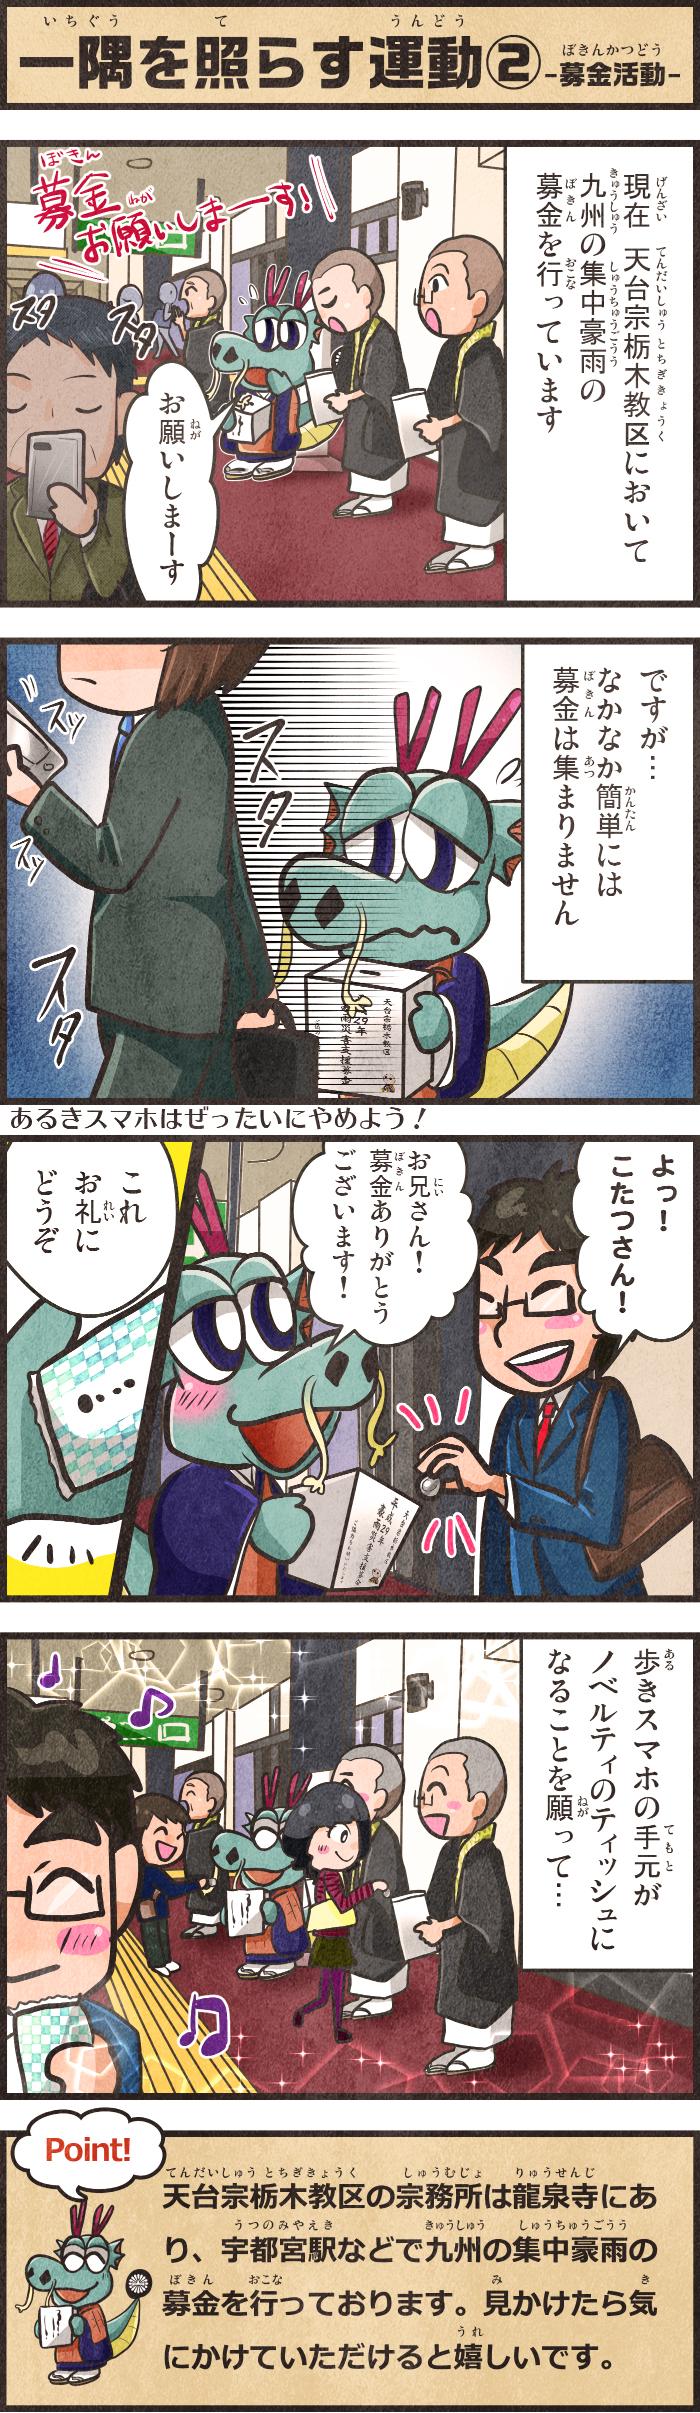 170927_kotatsu_4koma_22